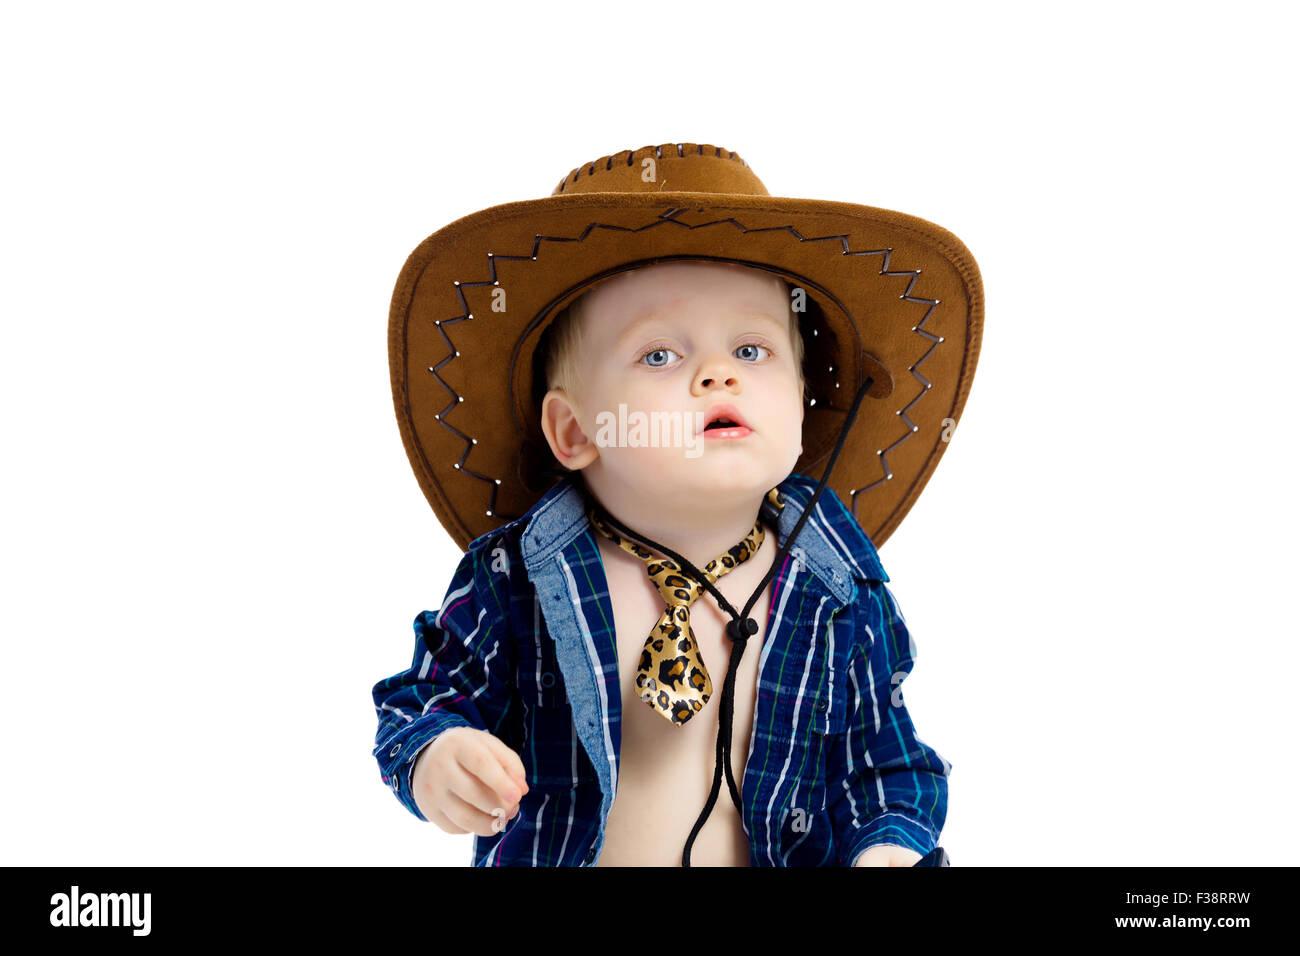 8890190b8 Little Boy en el sombrero de cowboy y corbata. Fondo blanco. Studio Imagen  De